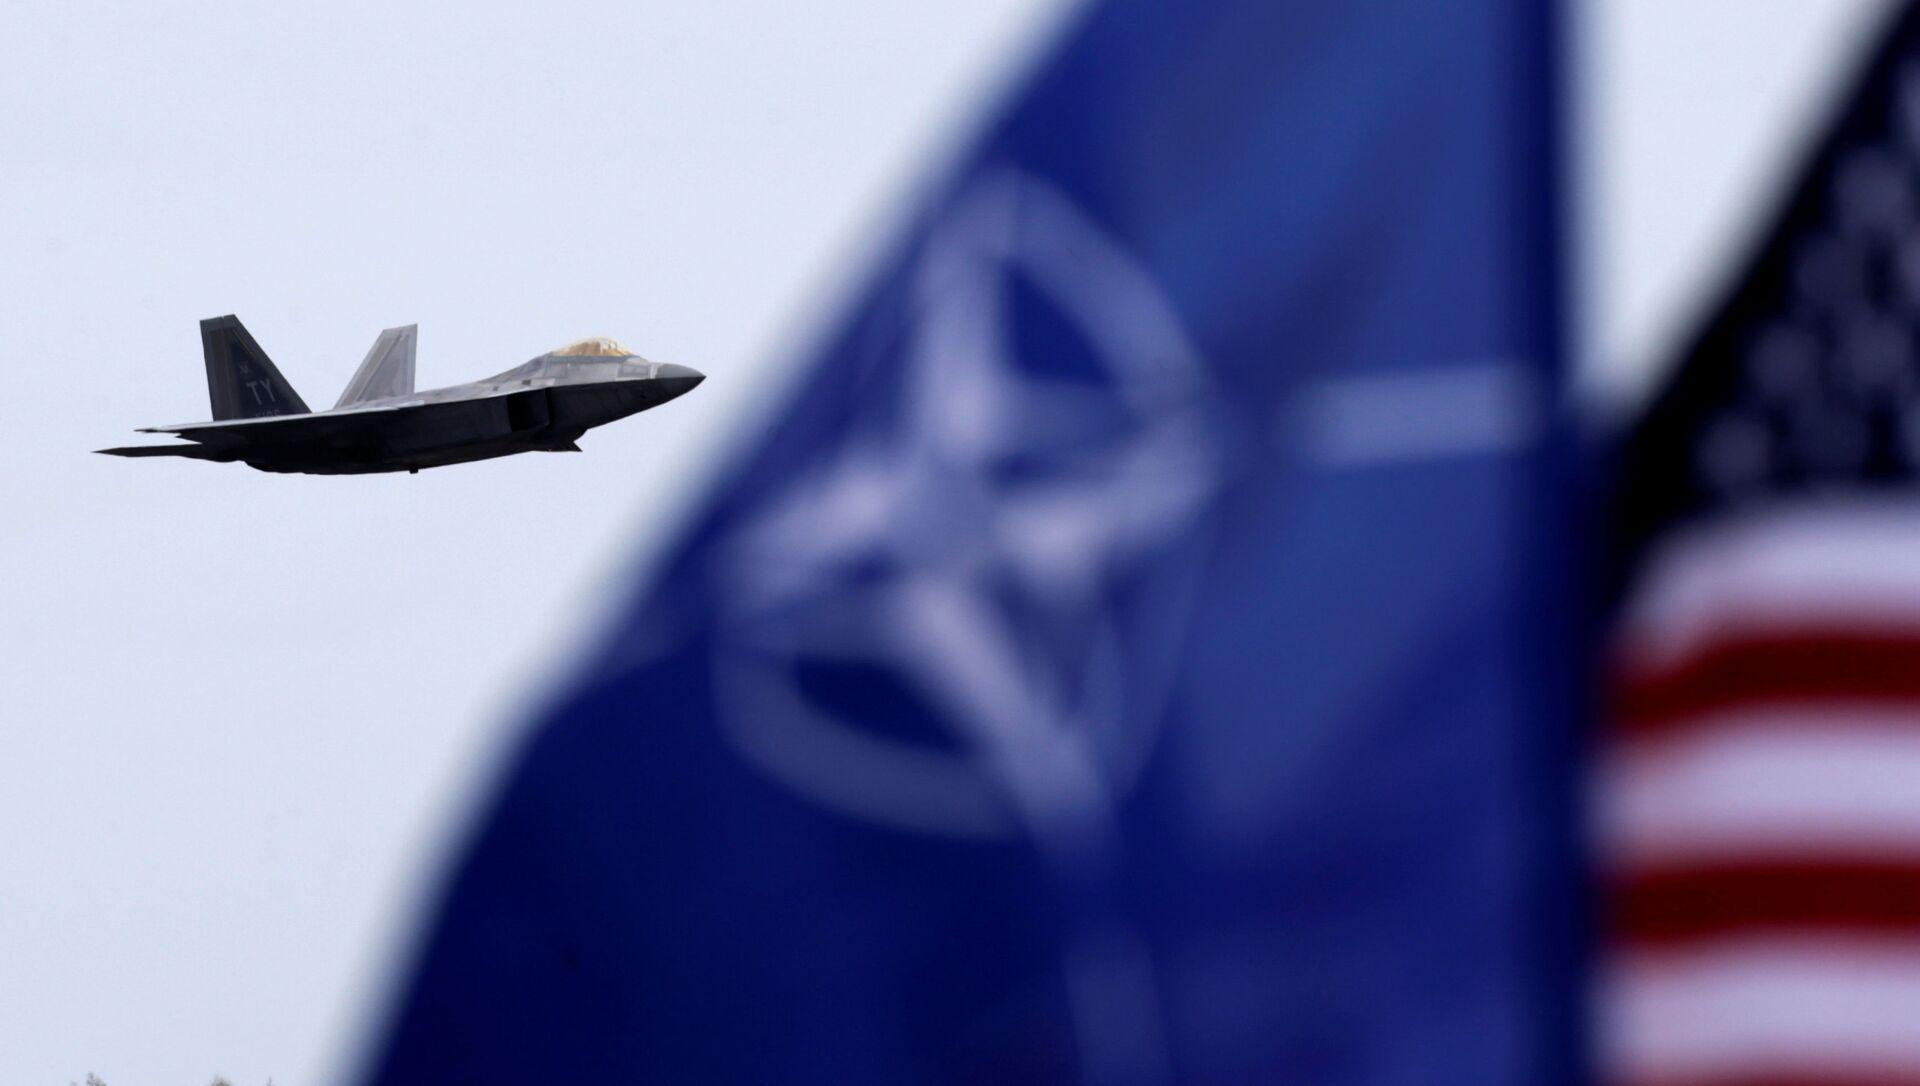 F-22 Raptor na pozadí vlajek USA a NATO - Sputnik Česká republika, 1920, 13.03.2021